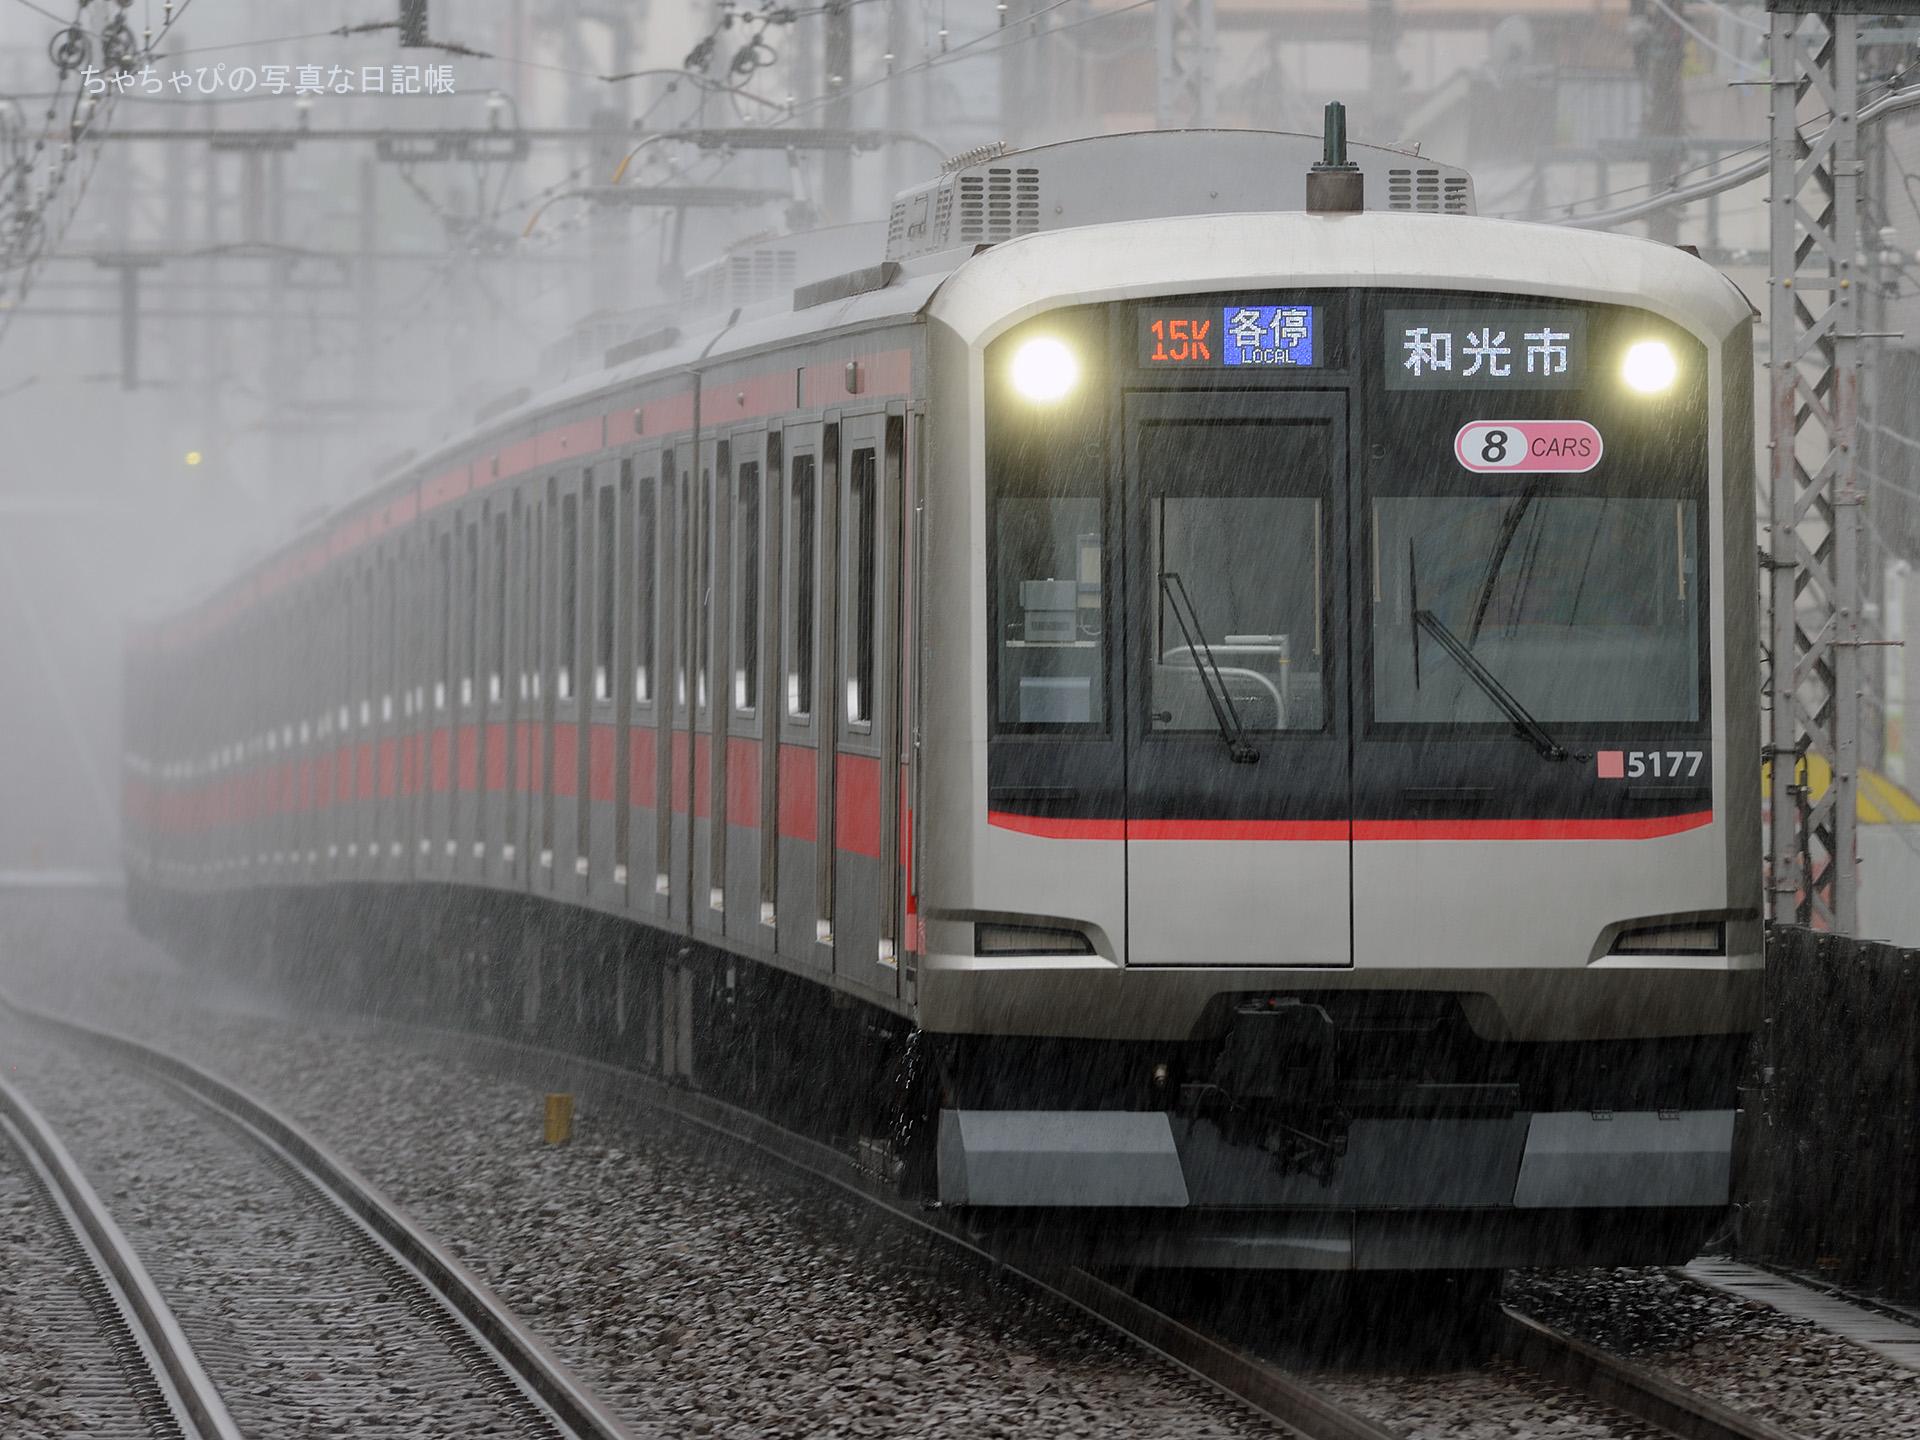 東急東横線 都立大学駅 5050系 -15ゥ 5177F-